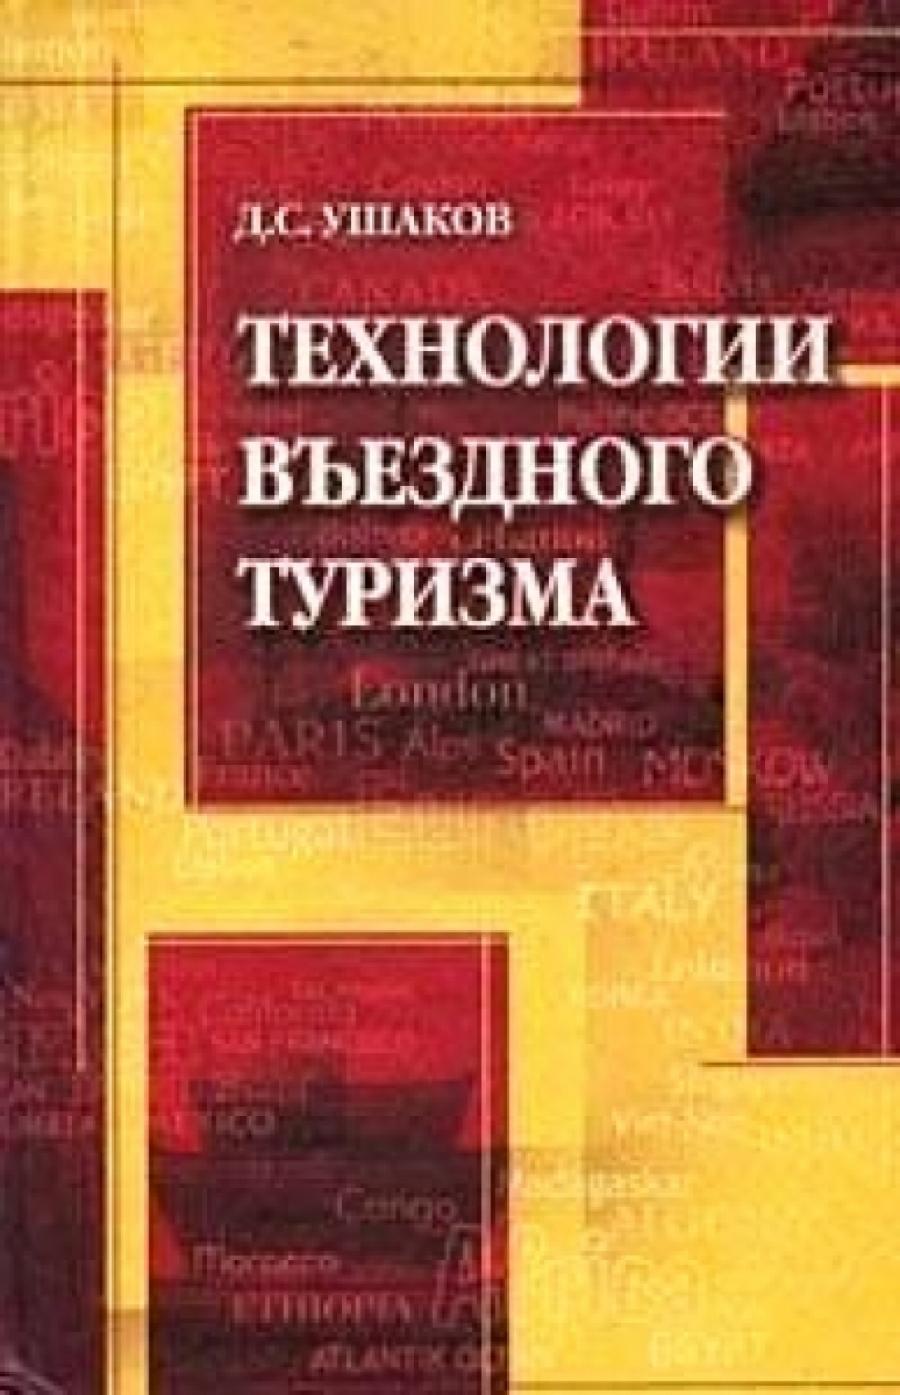 Обложка книги:  д.с.ушаков - прикладной туроперейтинг